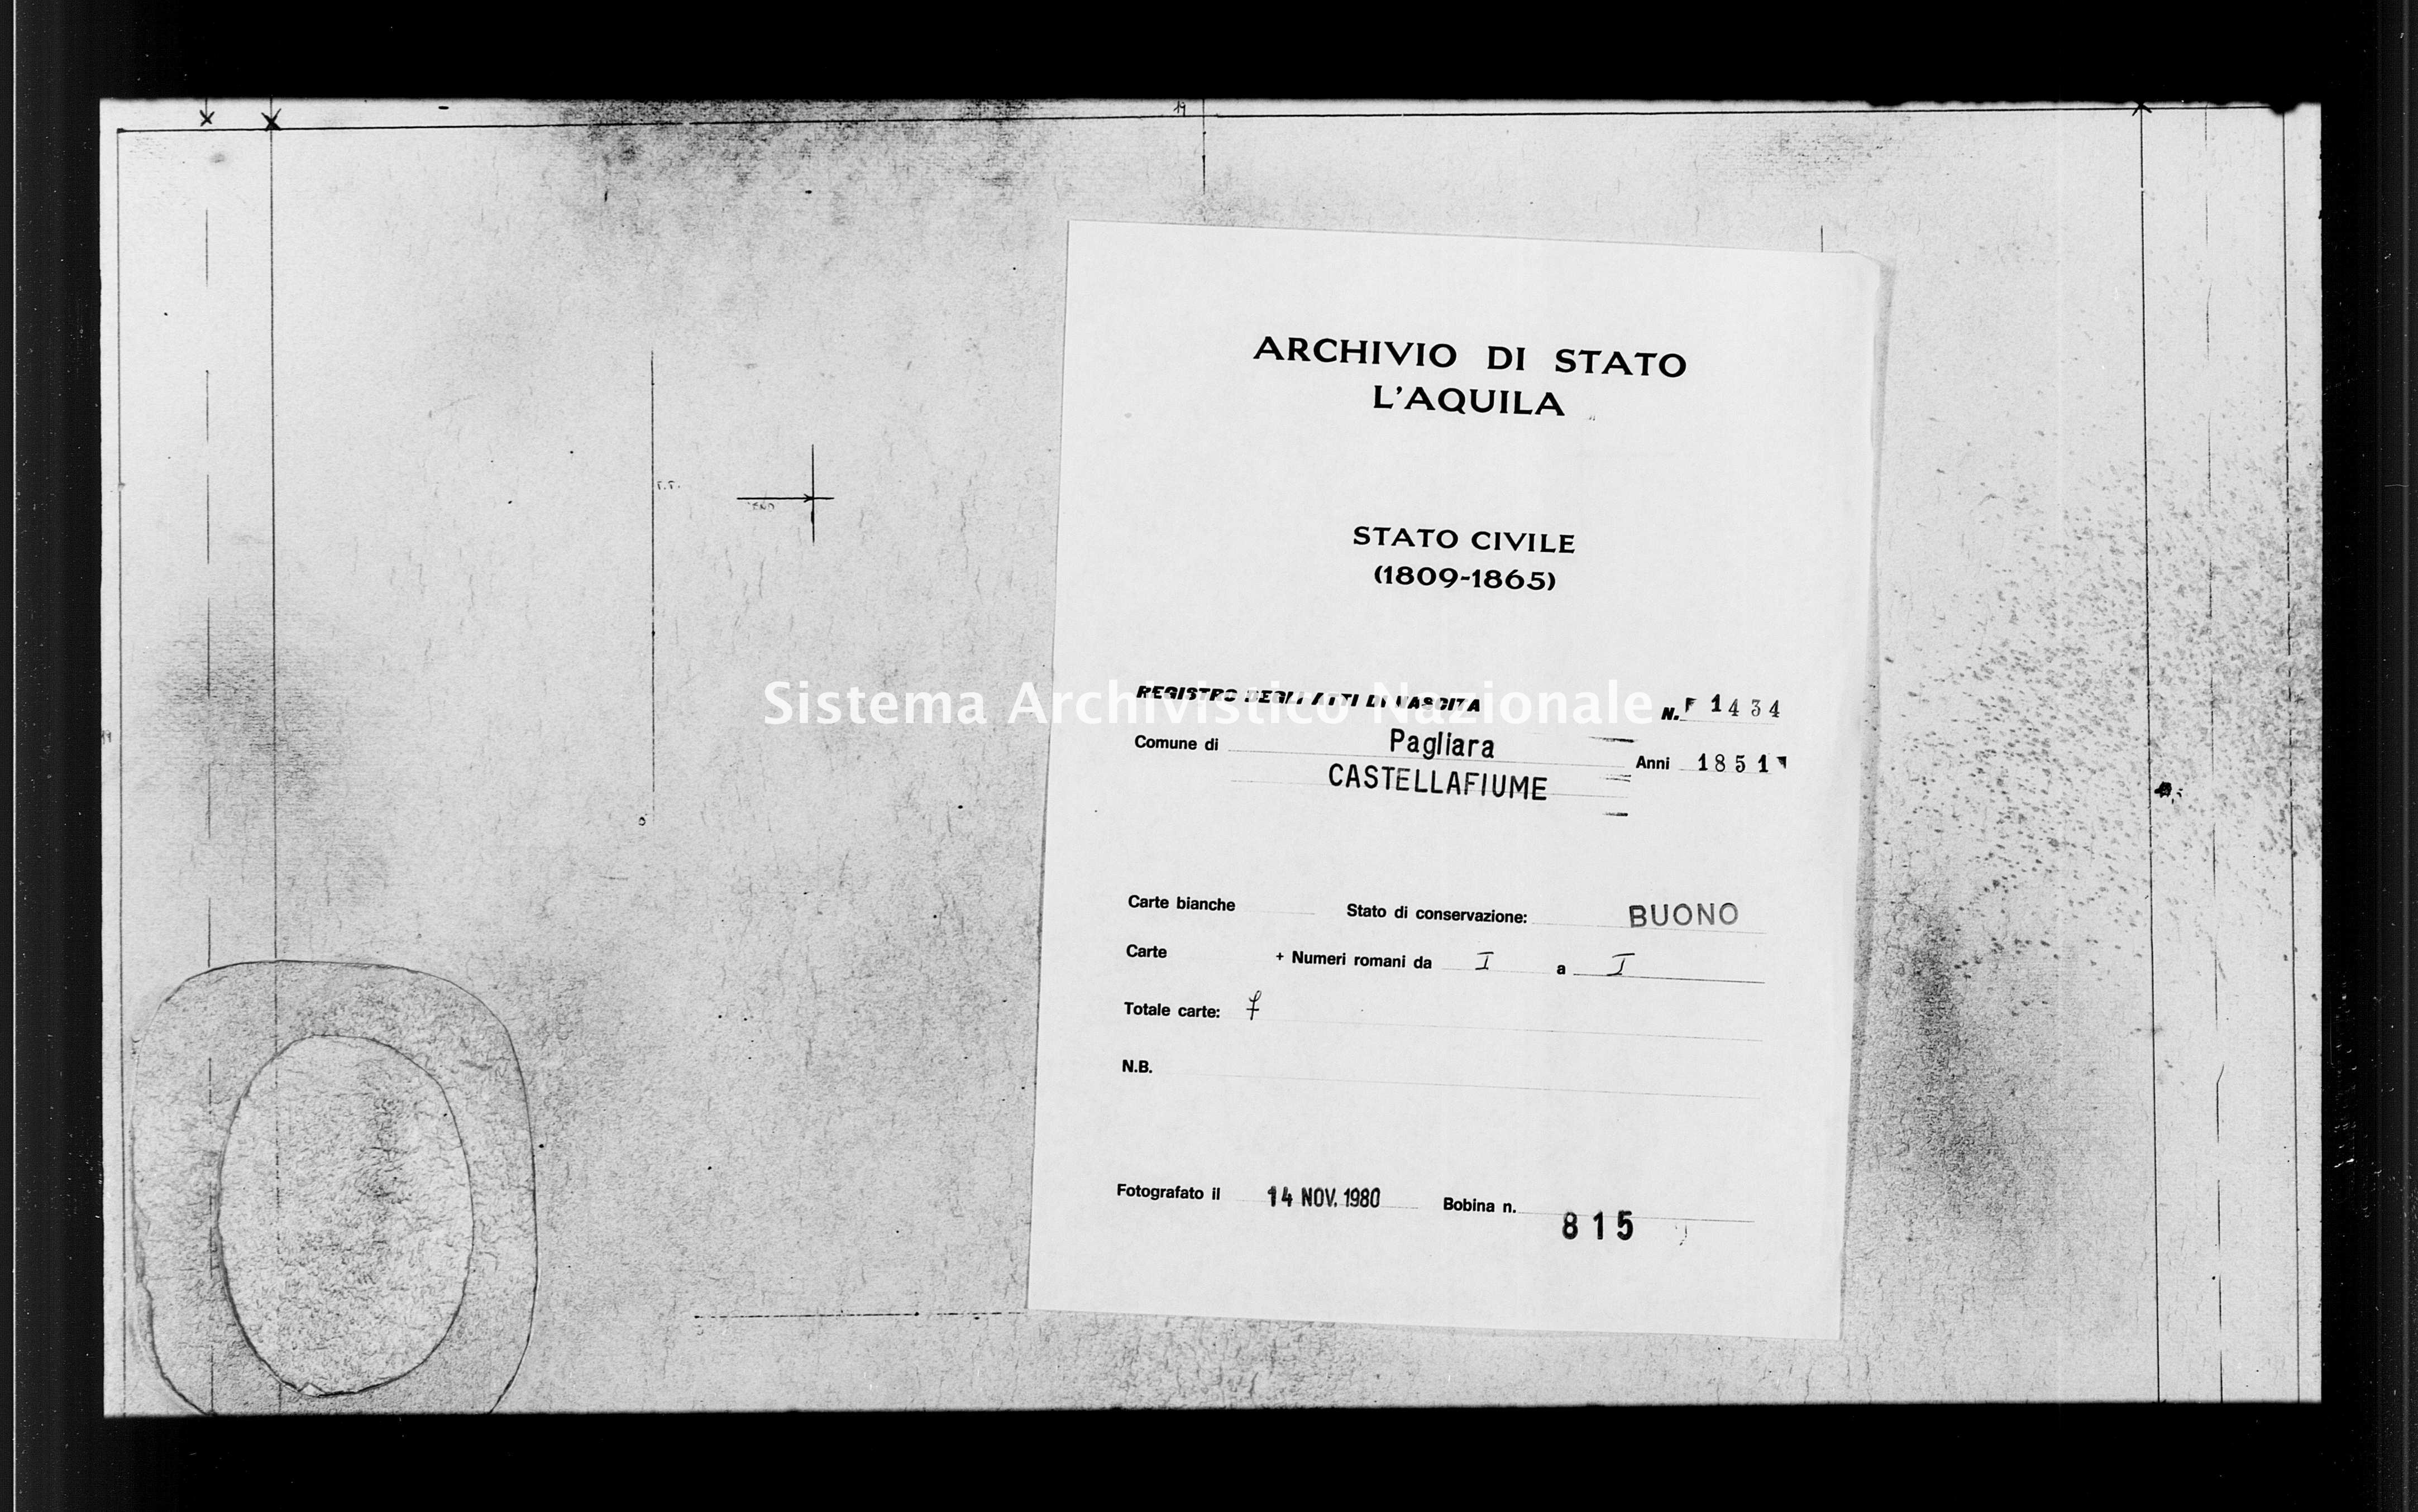 Archivio di stato di L'aquila - Stato civile della restaurazione - Pagliara - Nati - 1851 - 1434 -